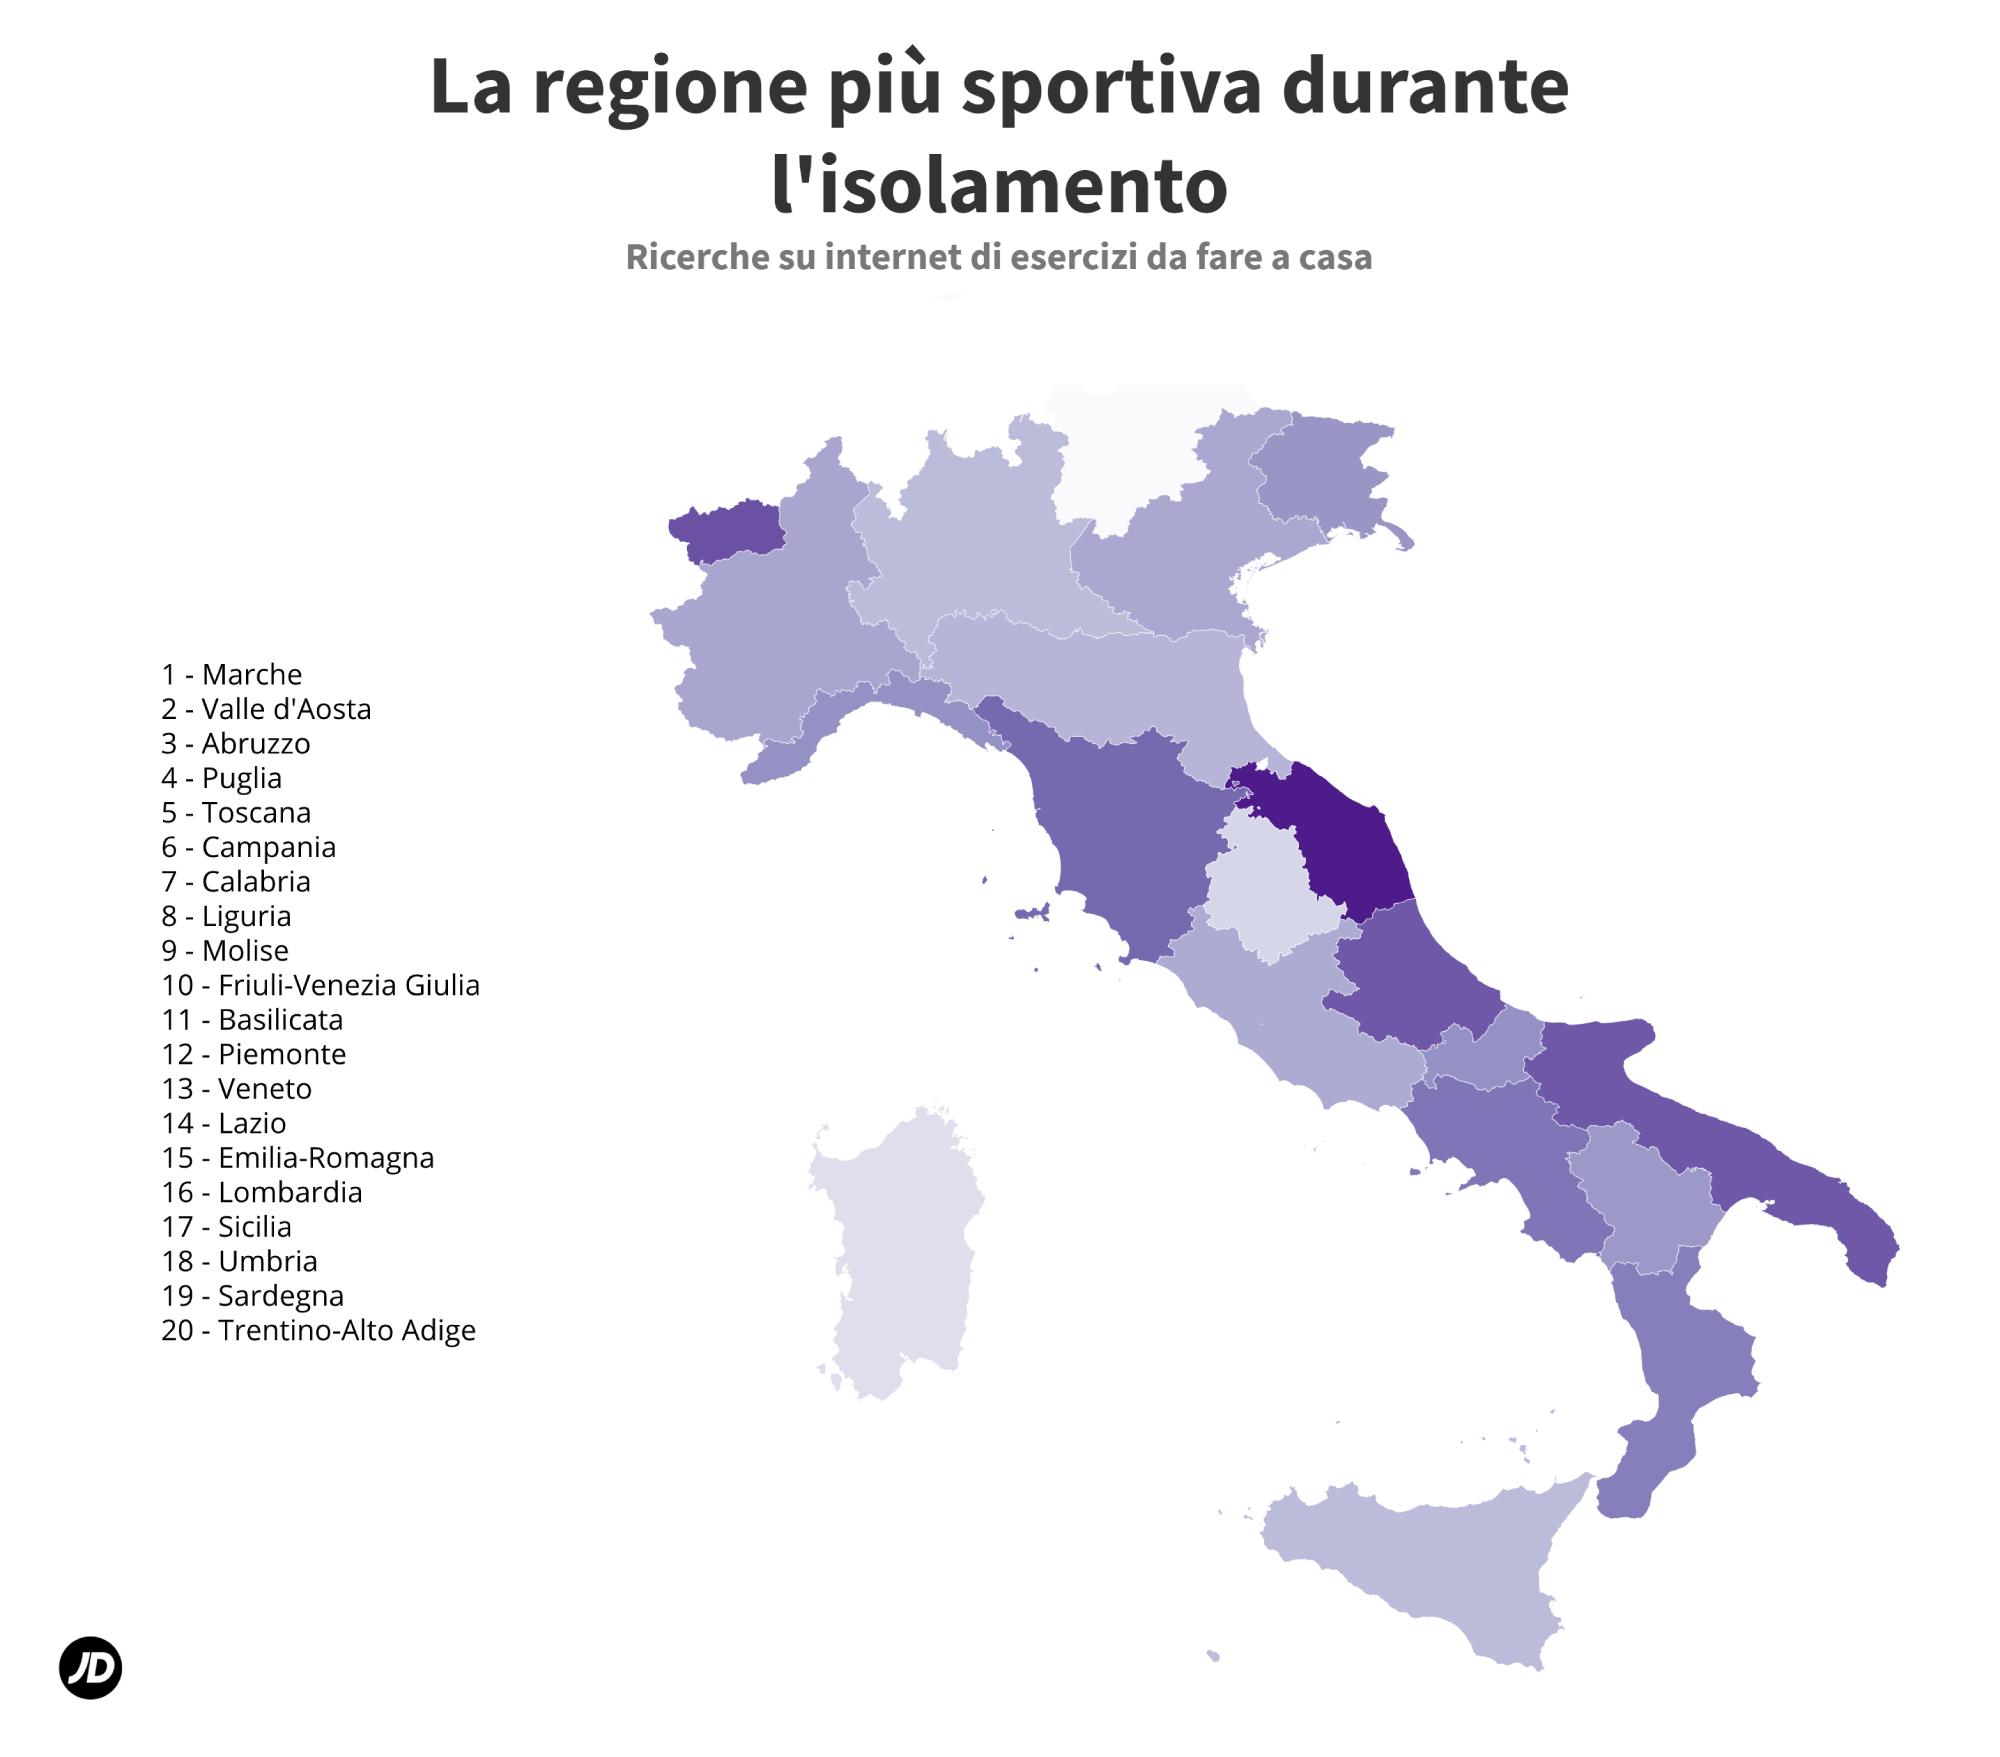 Le regioni italiane che hanno mostrato maggiore interesse per lo sport durante la quarantena